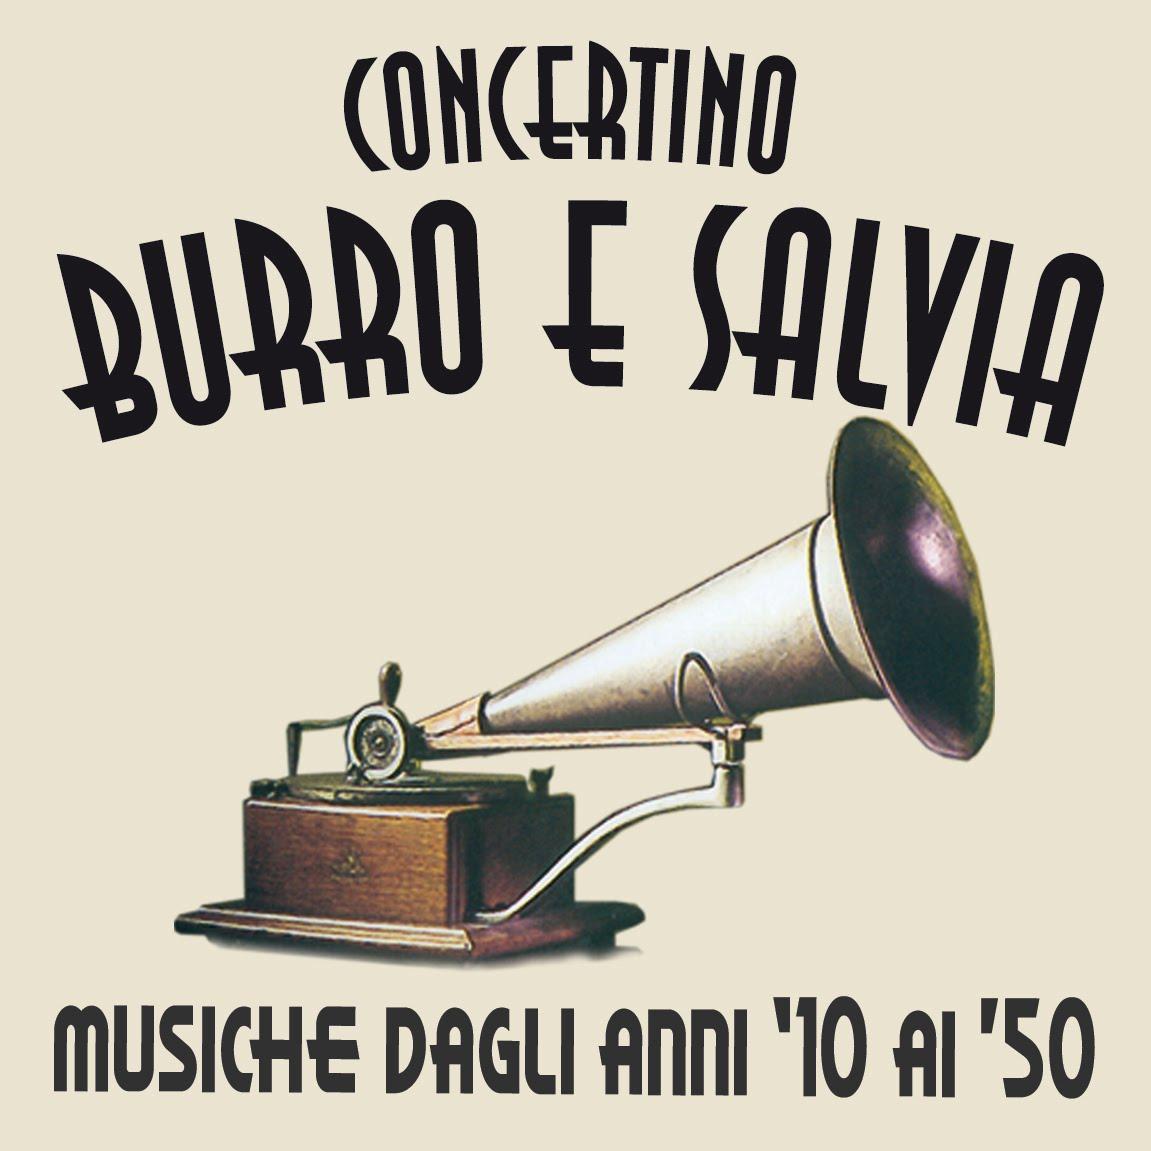 Il Concertino Burro e Salvia